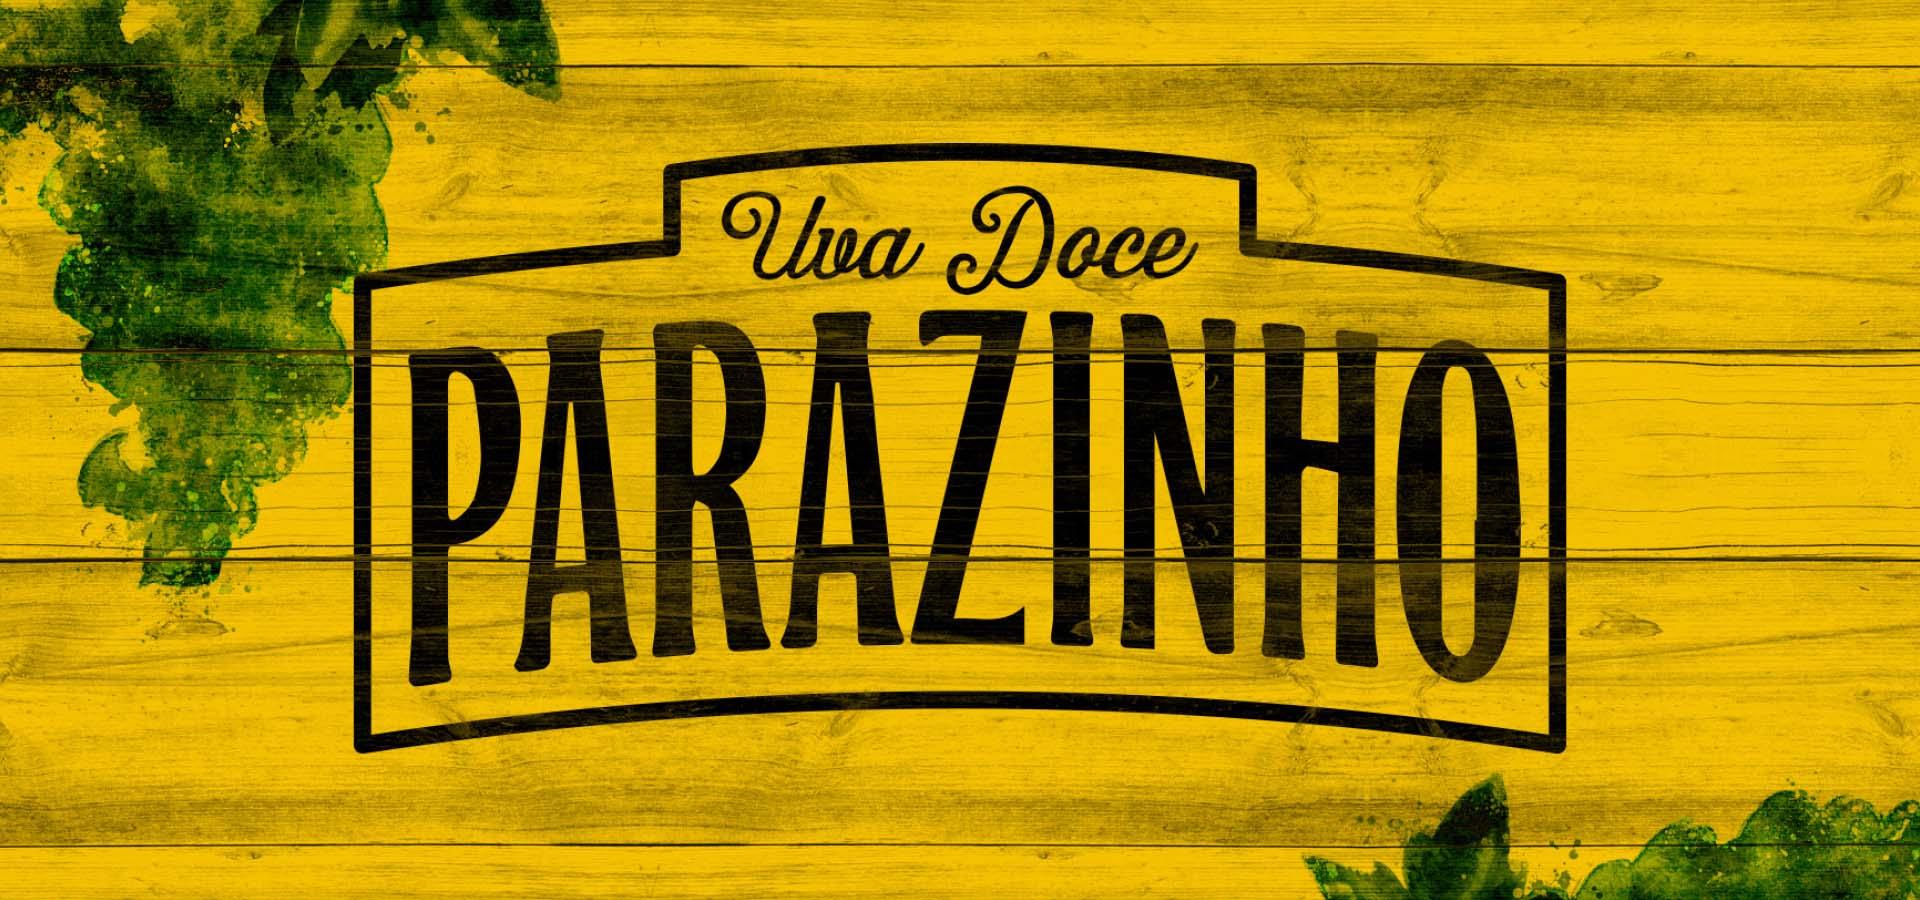 Uva-Parazinho-Design-1516